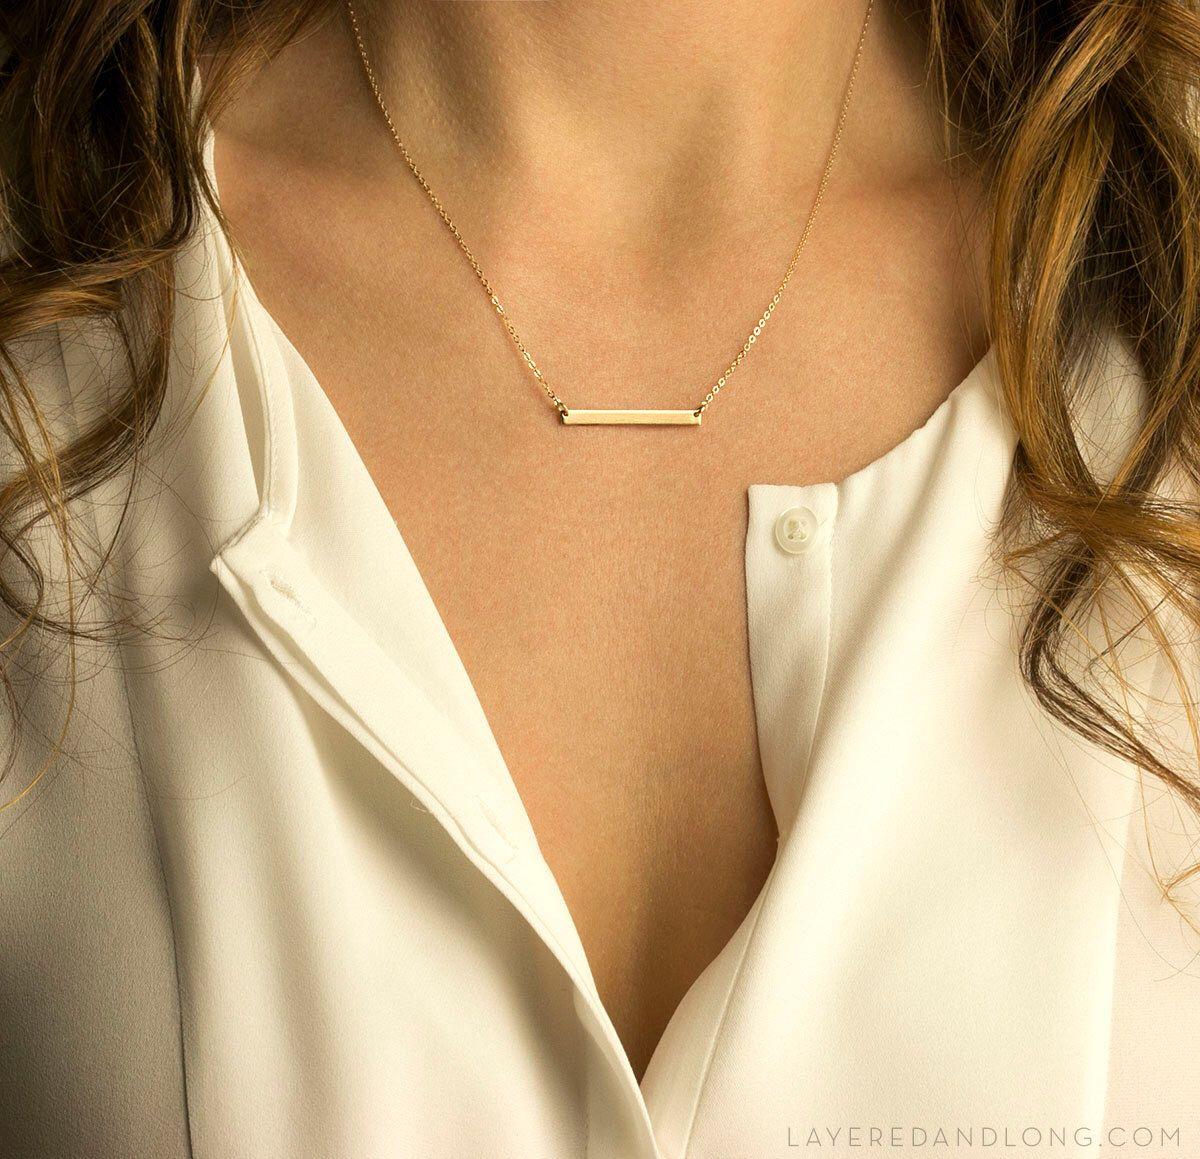 Extra pequeño flaco Bar collar collar de plata, oro o color de rosa el nombre de oro de la placa / barra collar personalizado / Monogram nombre Bar LN103x de LayeredAndLong en Etsy https://www.etsy.com/es/listing/237805860/extra-pequeno-flaco-bar-collar-collar-de